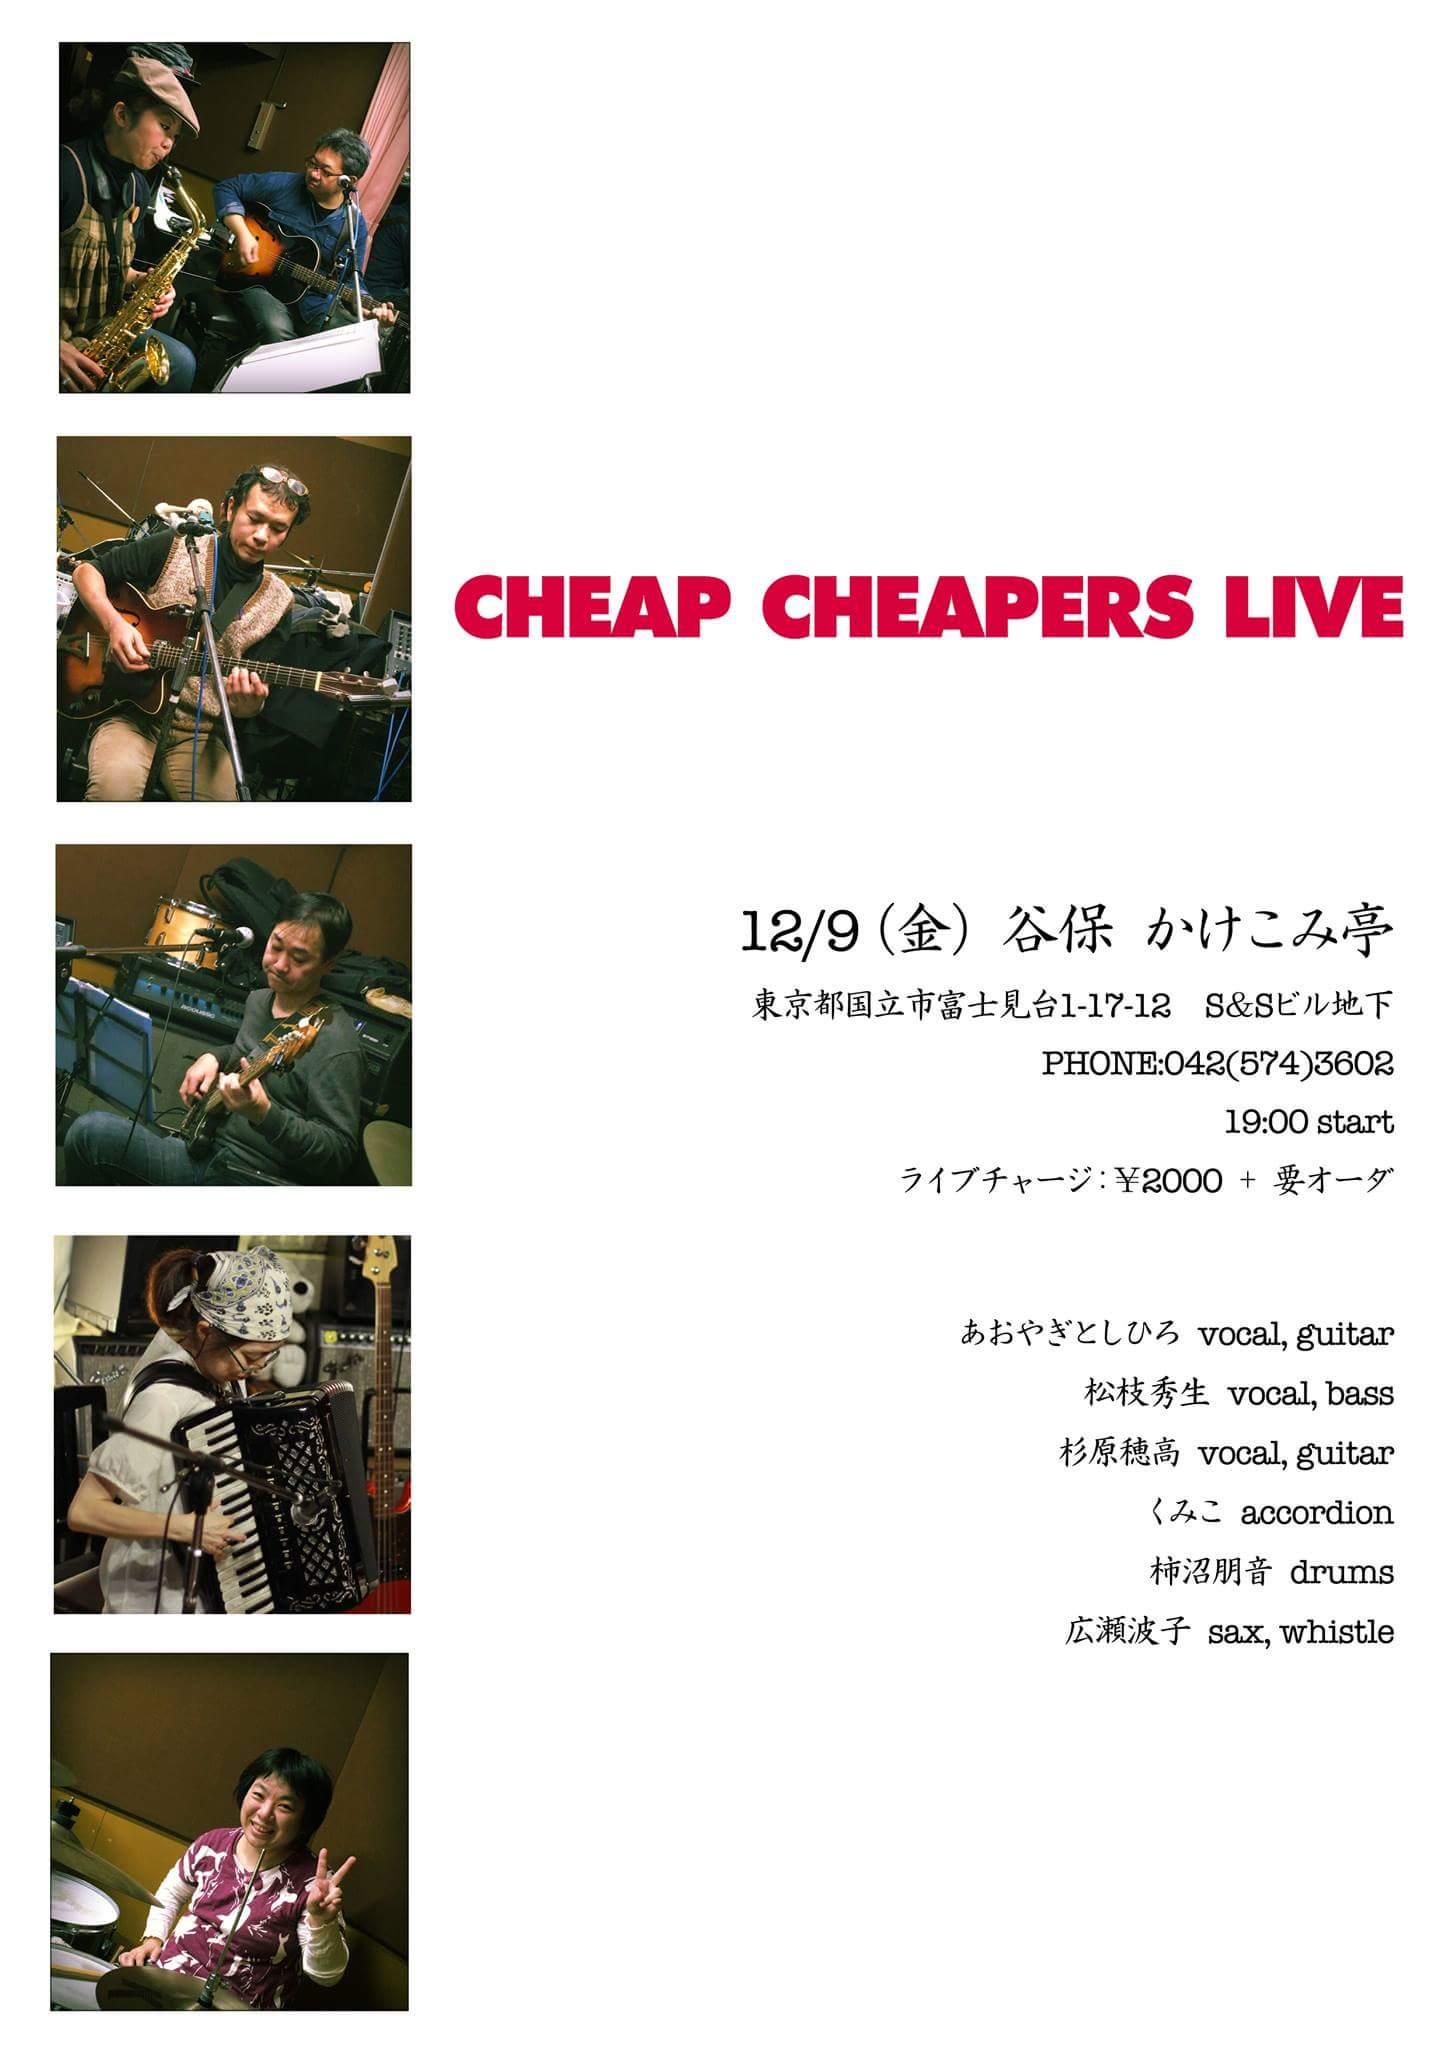 12/9(金)CHEAP CHEAPERS初参加★谷保 かけこみ亭